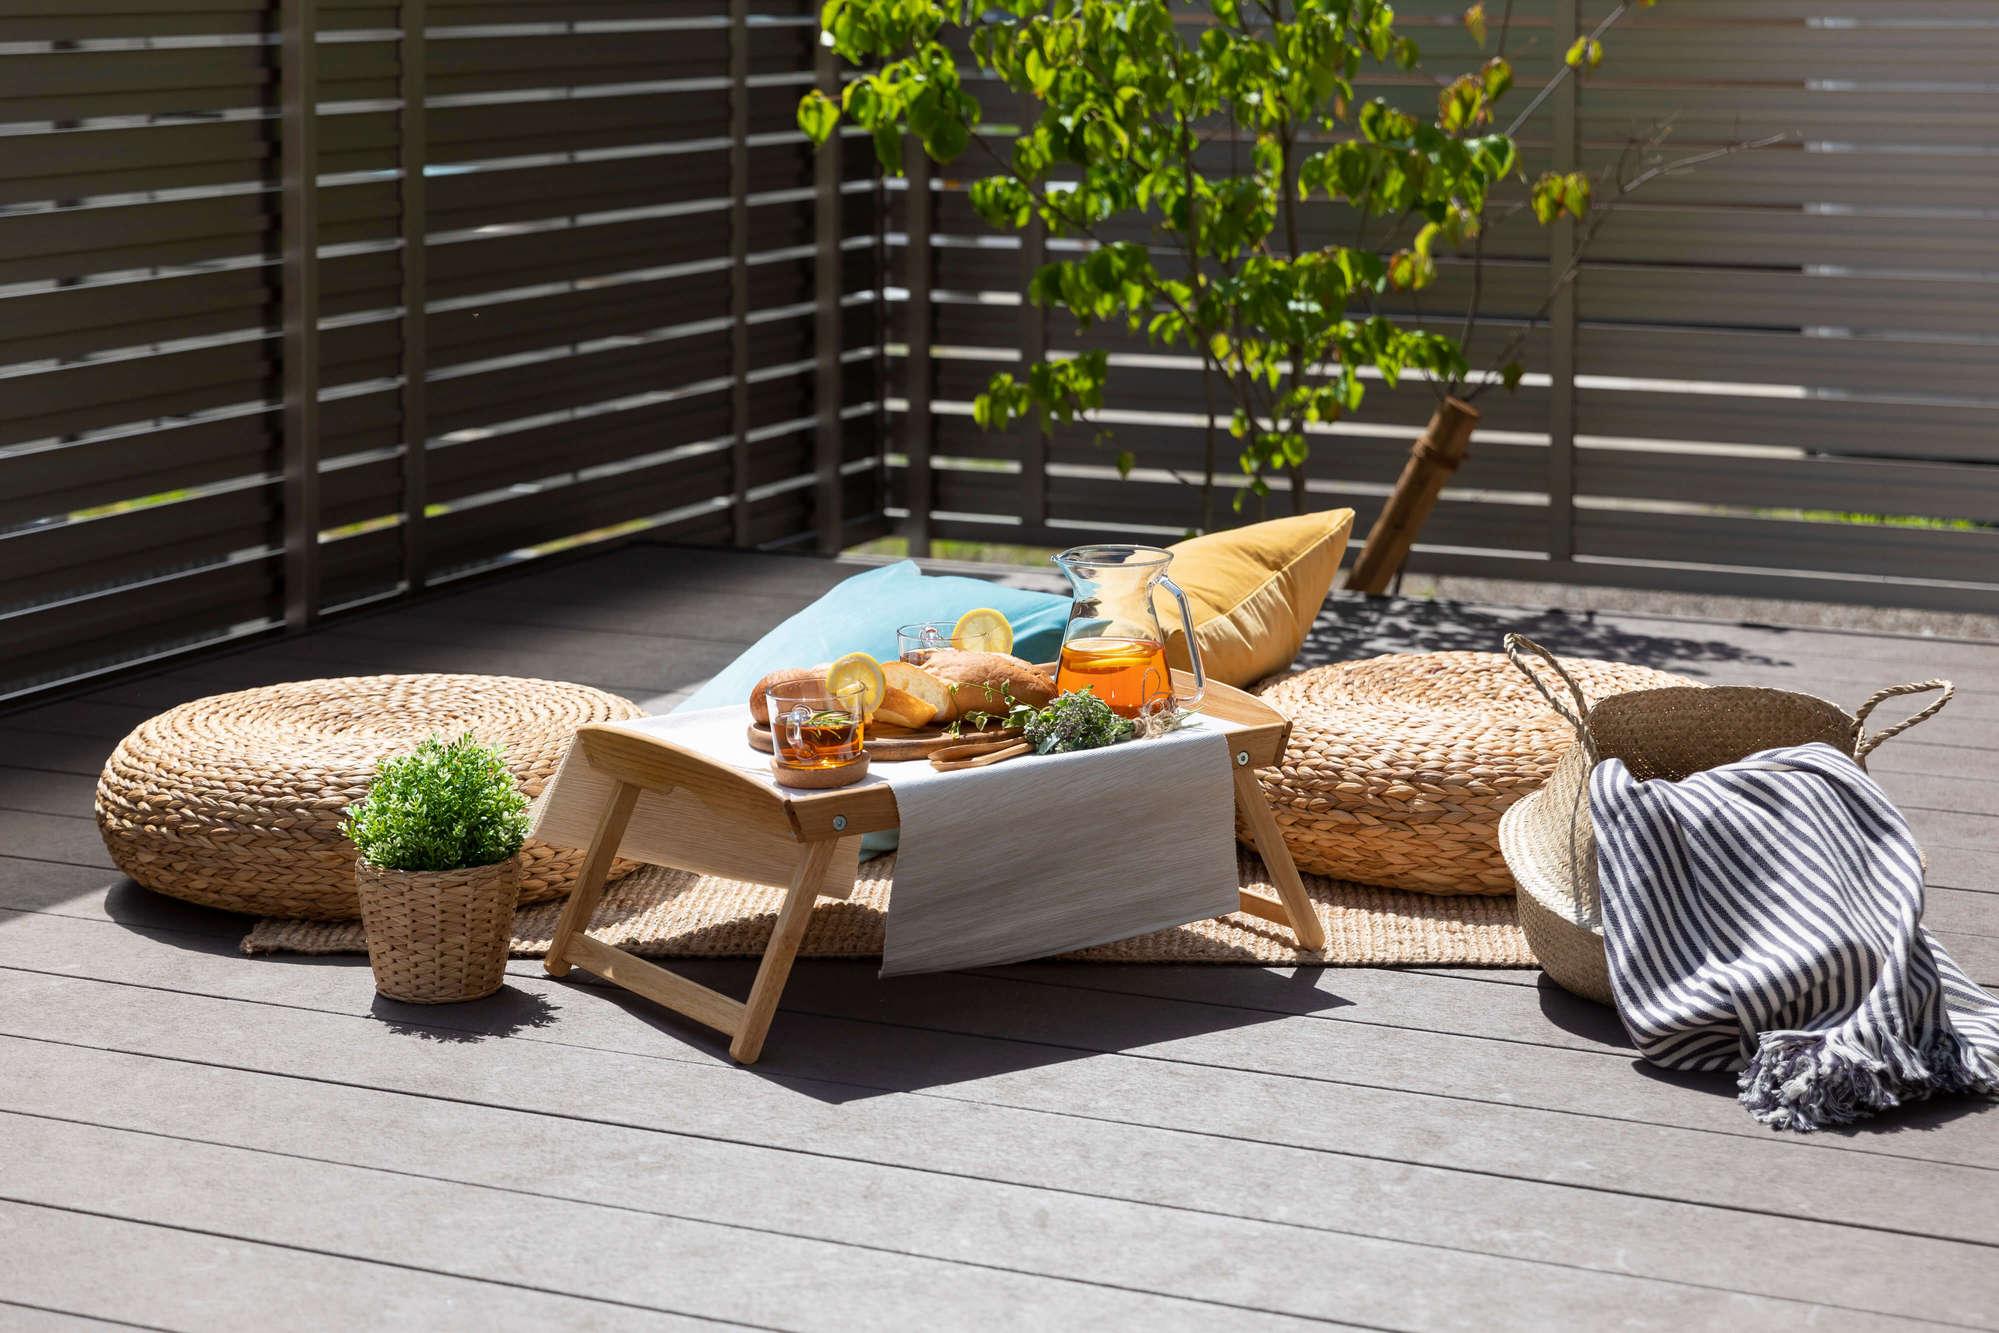 庭、ガーデン、ウッドデッキ、芝生、ガーデンリビング、人工木デッキ